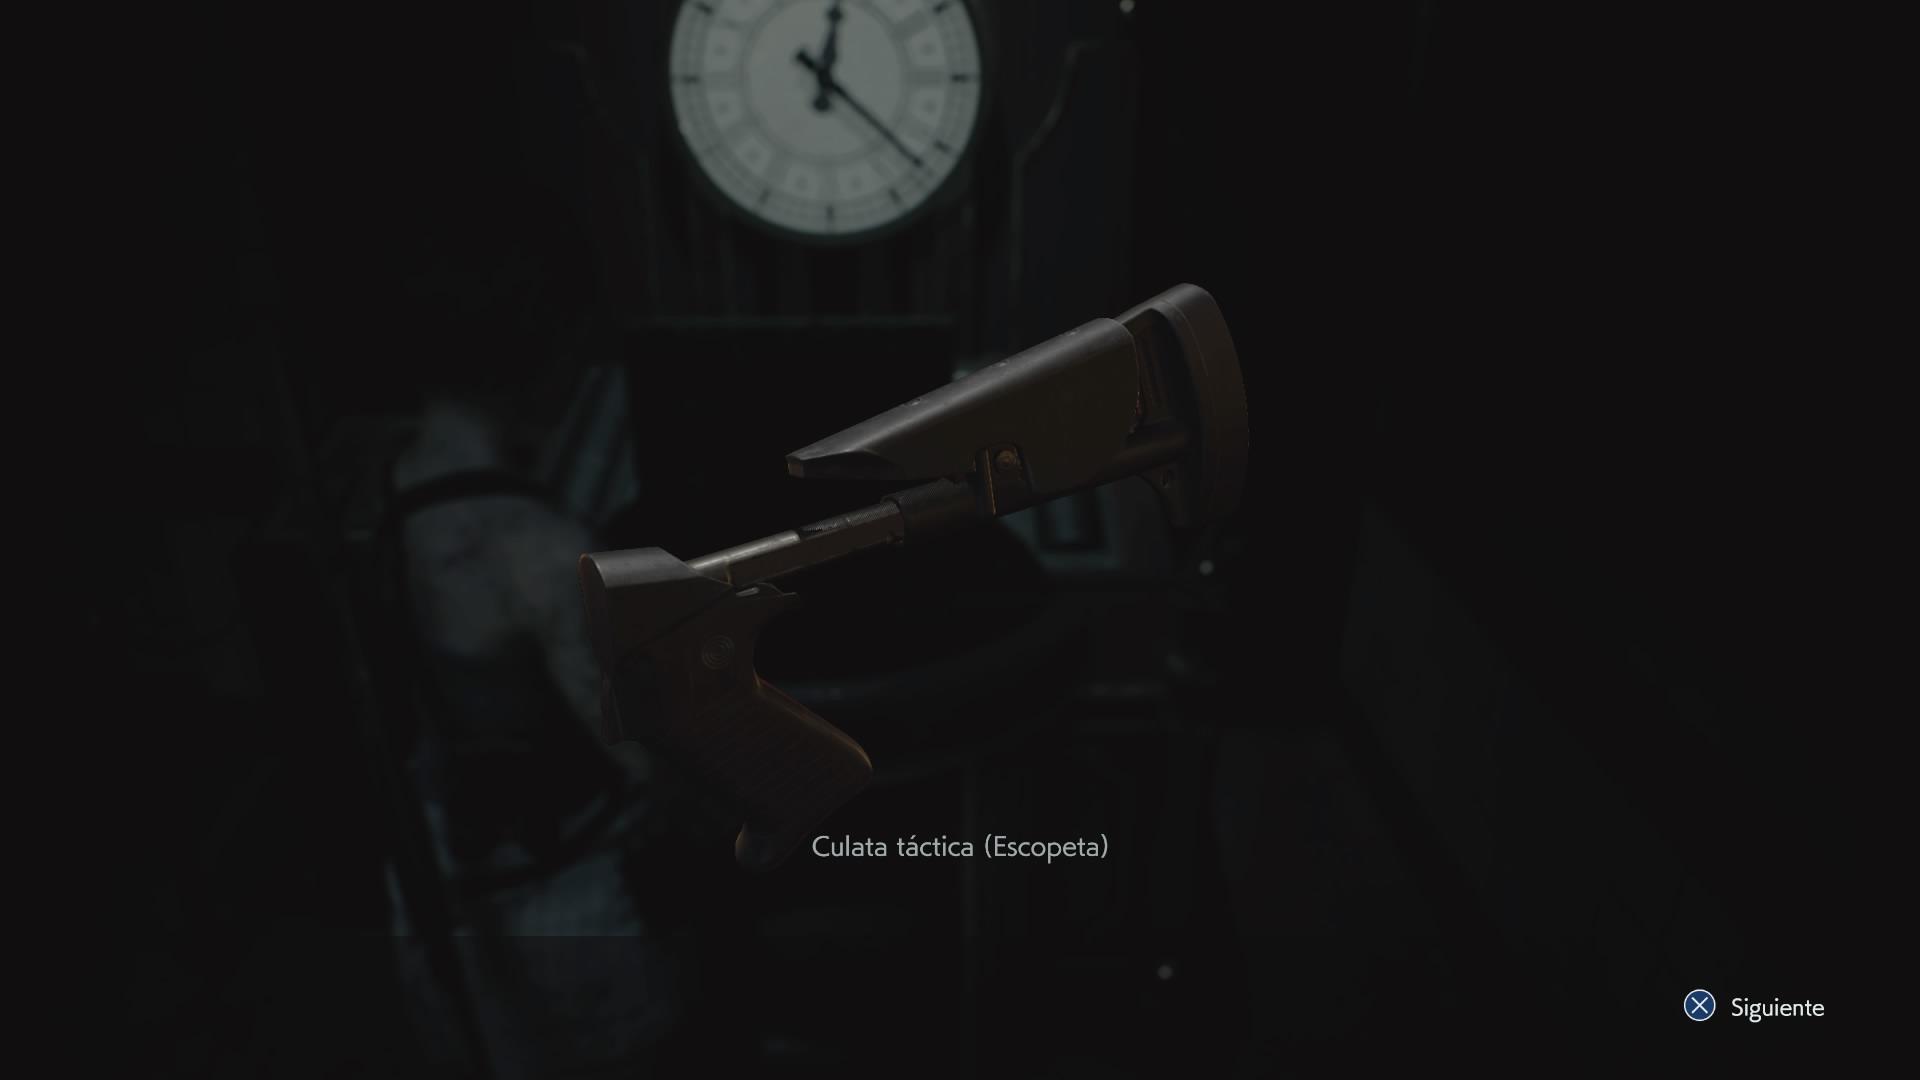 Culata táctica (Escopeta)